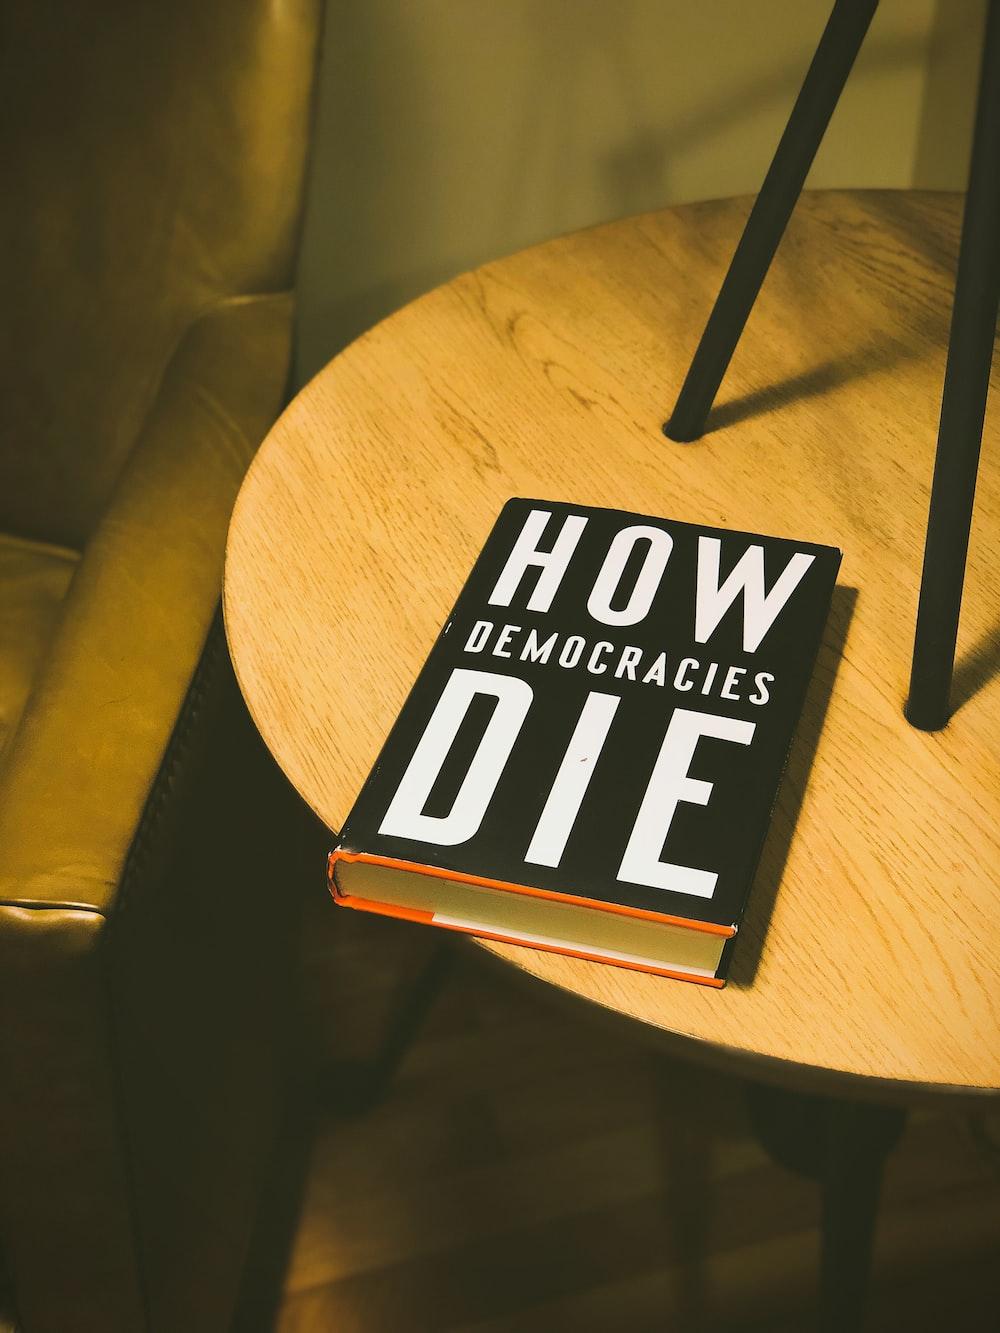 How Democracies Die book on brown wooden side table